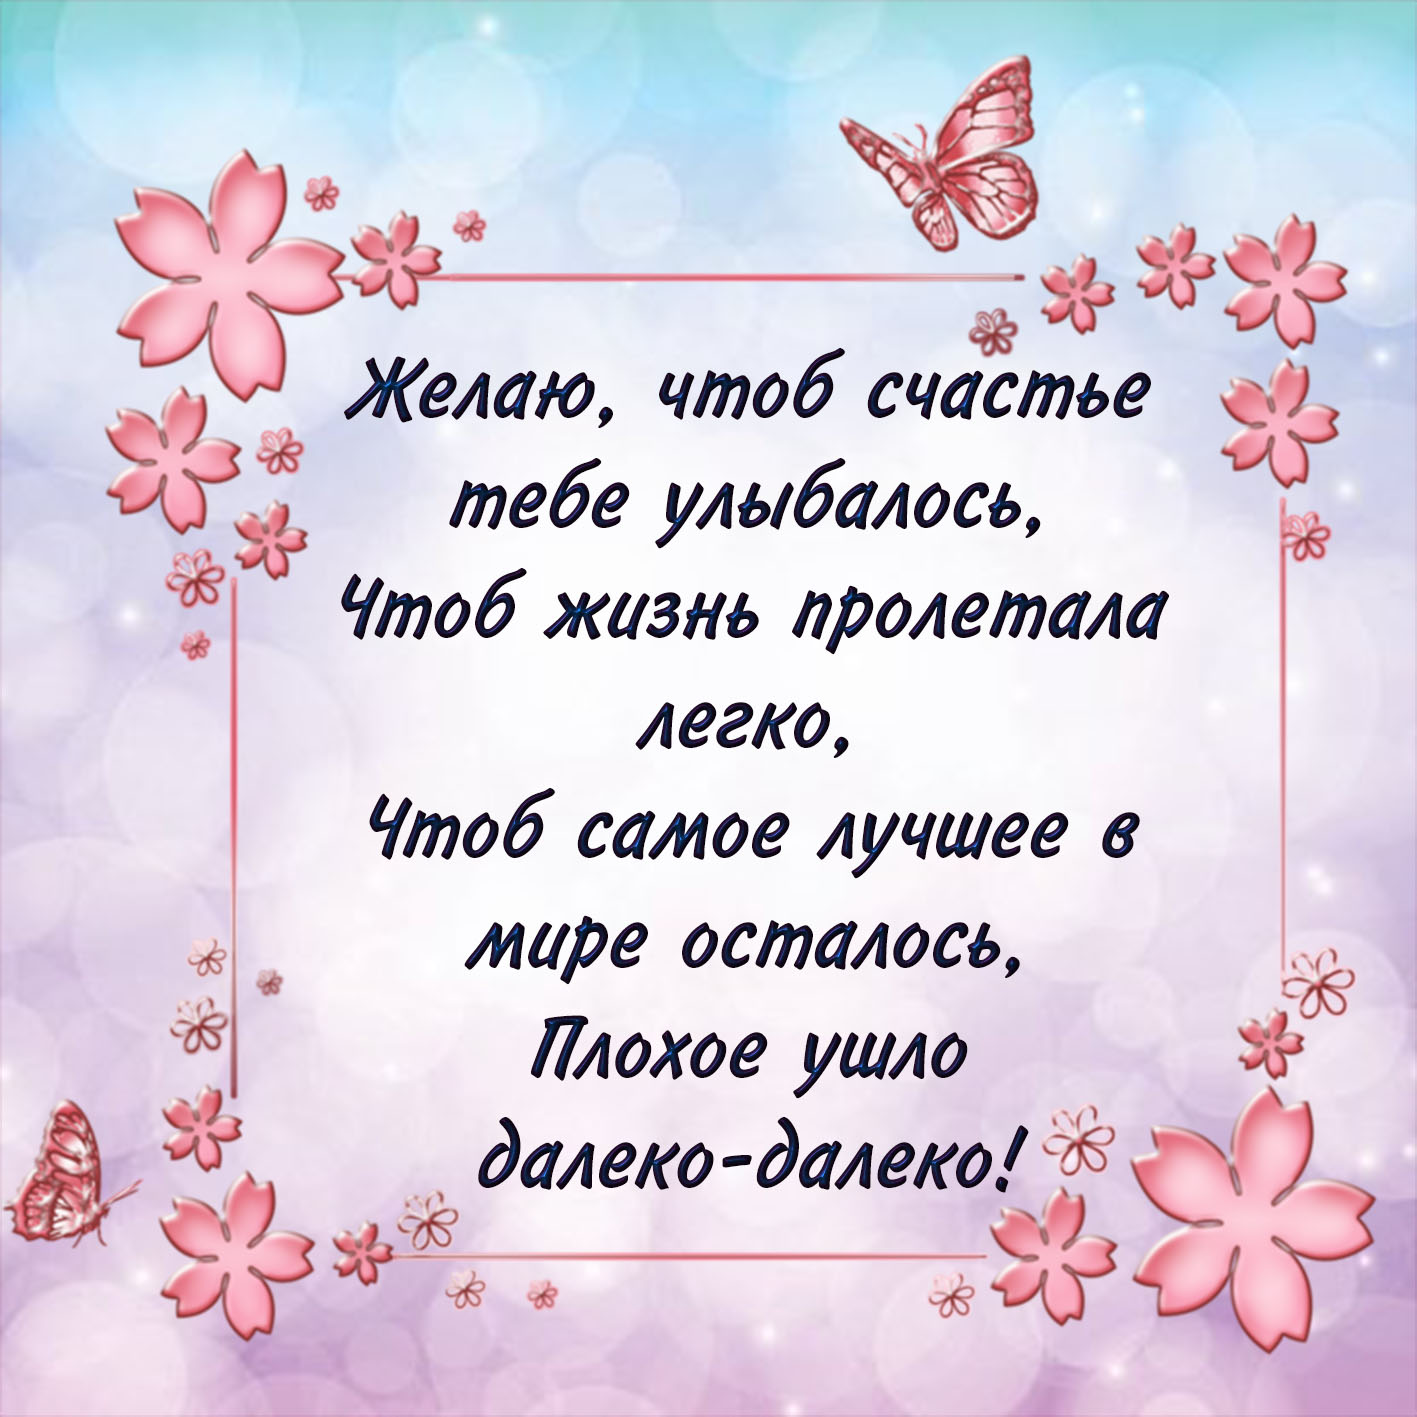 Открытка - милое пожелание счастья в рамке с бабочками